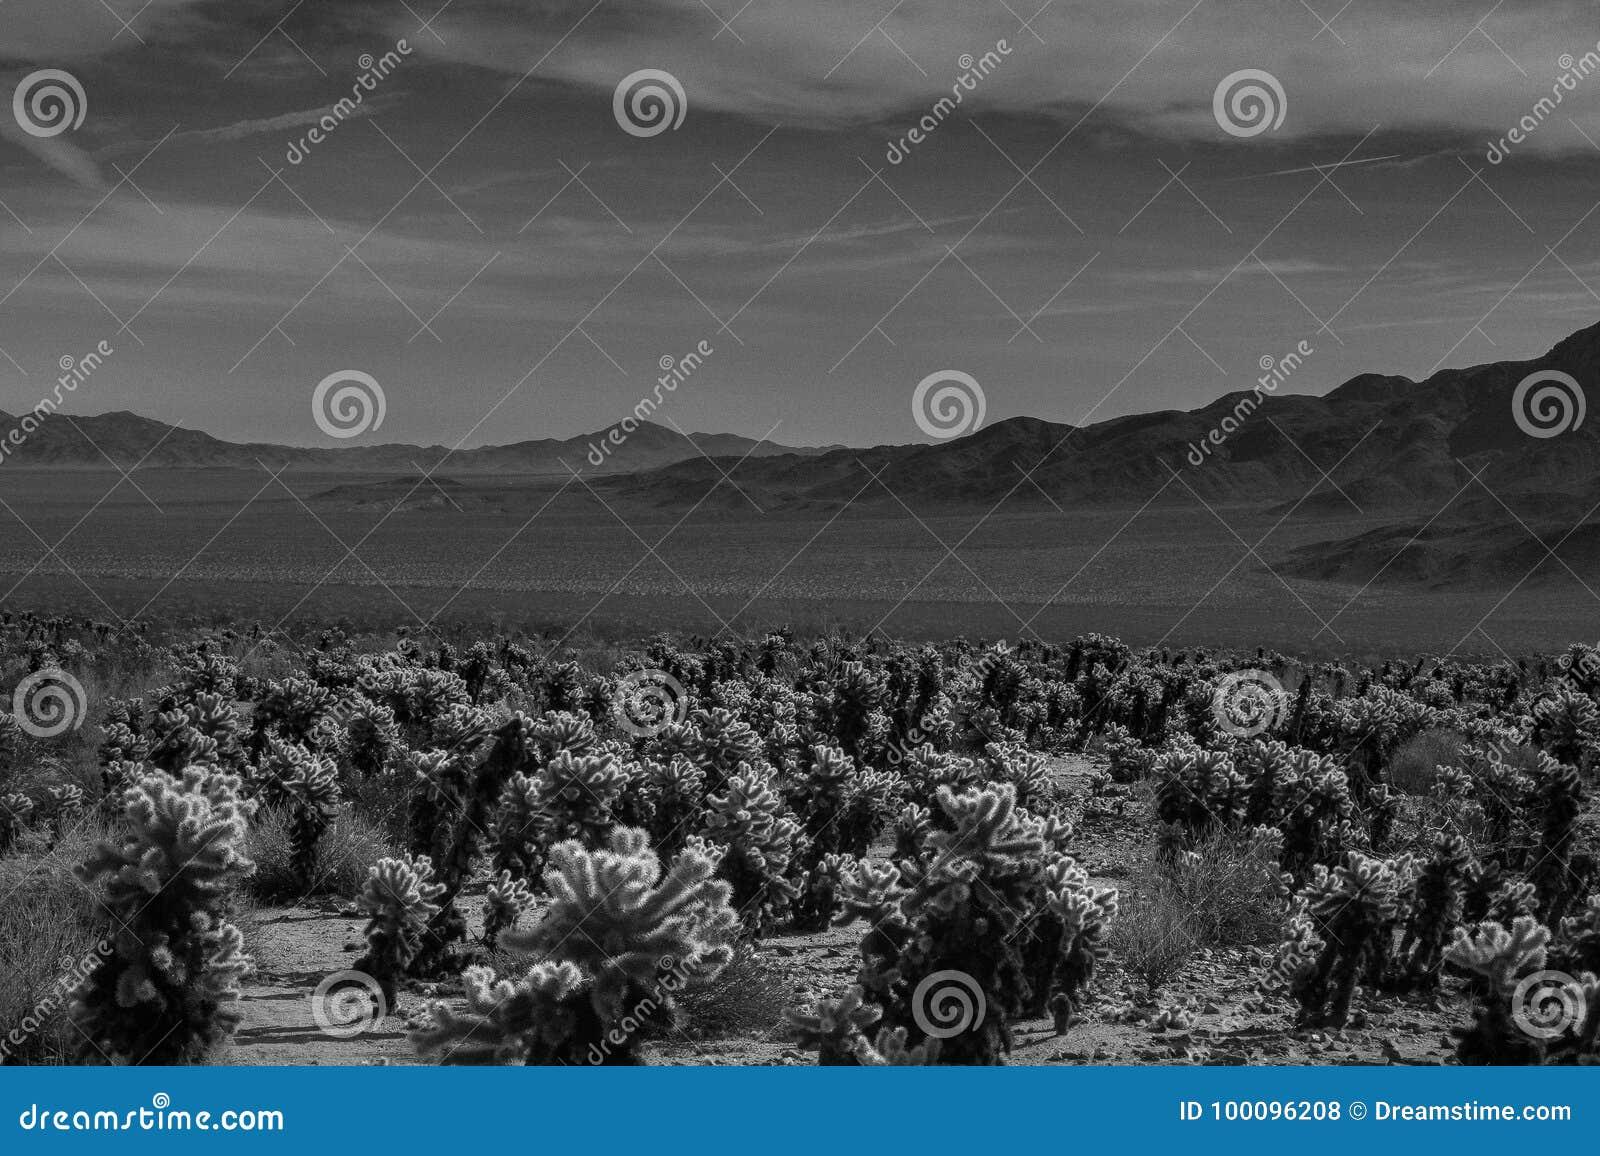 December at the desert